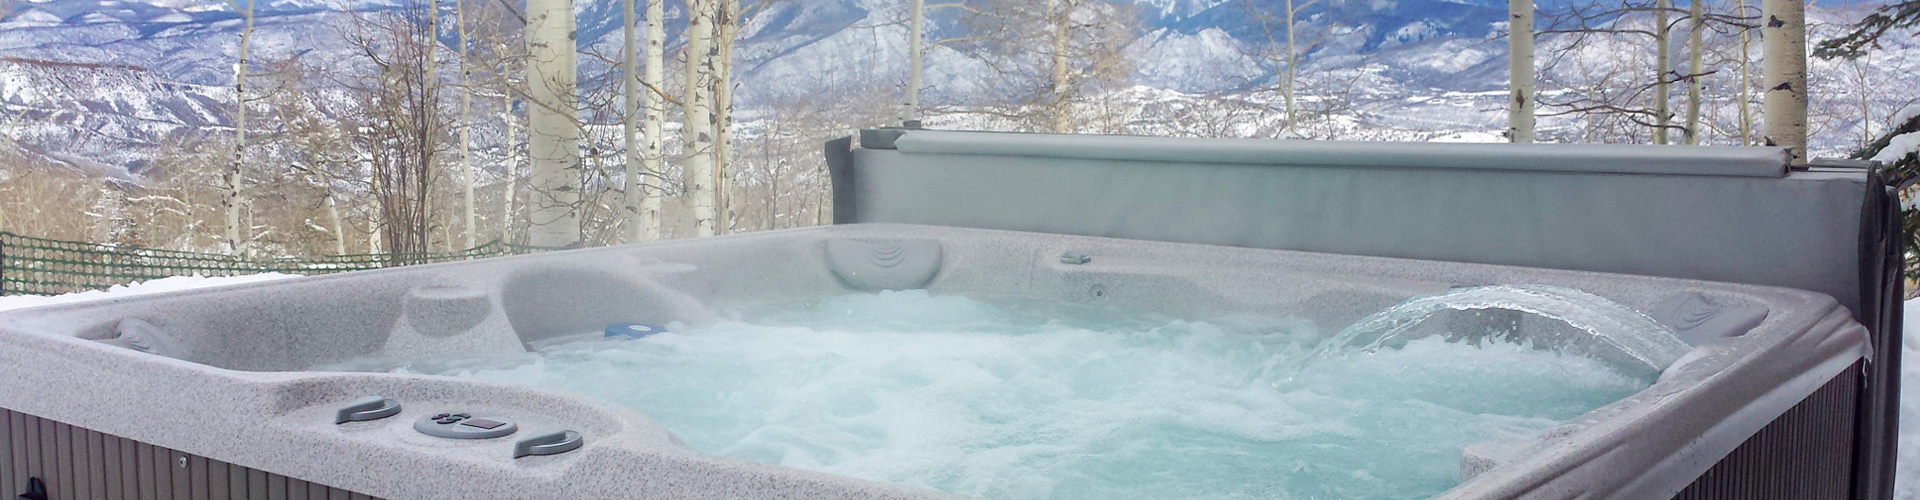 Hot Spring® Spas - Aqua Vita Spas